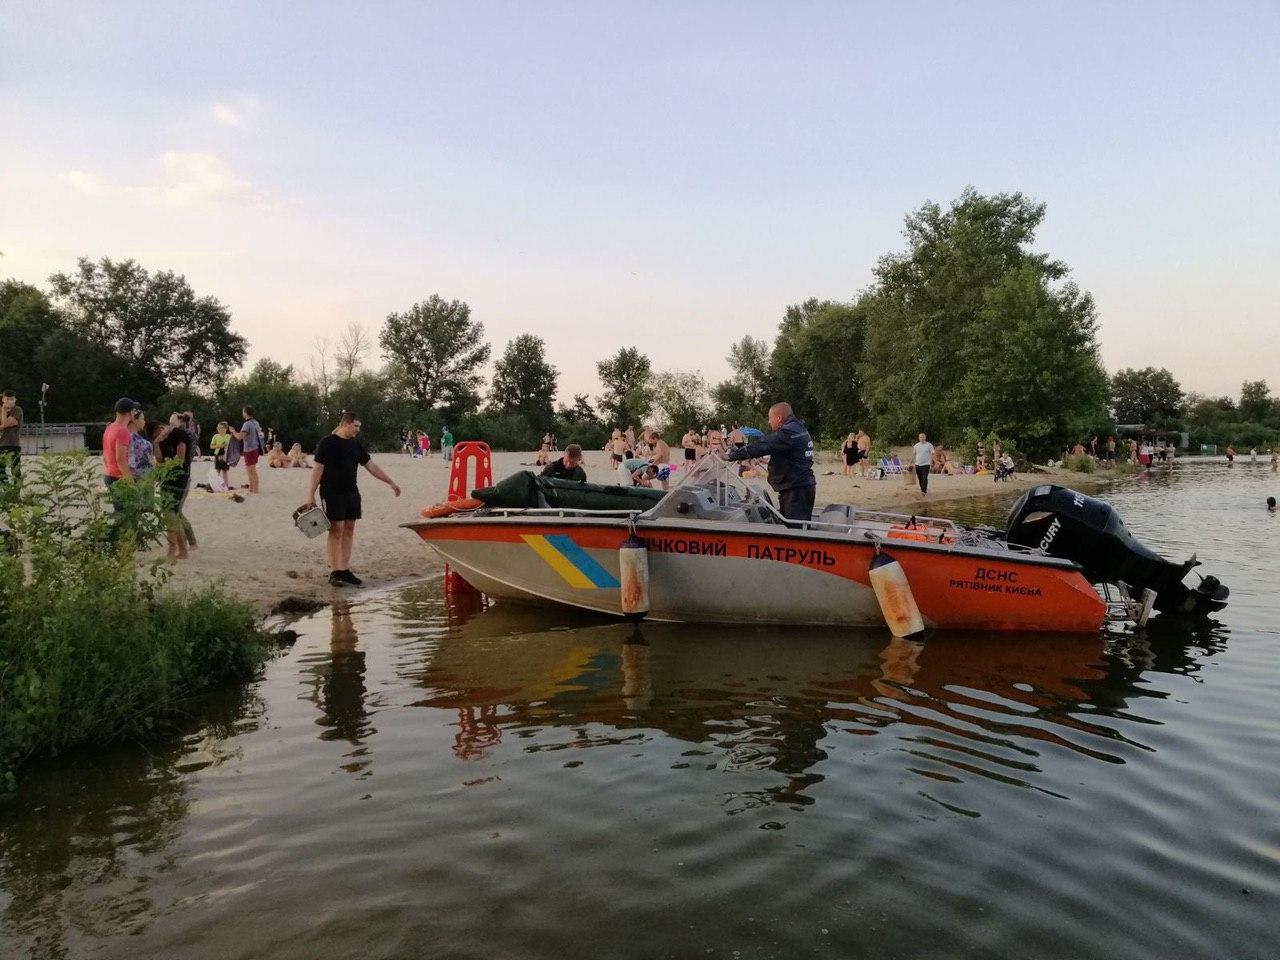 На пляже в Киеве погиб 19-летний парень